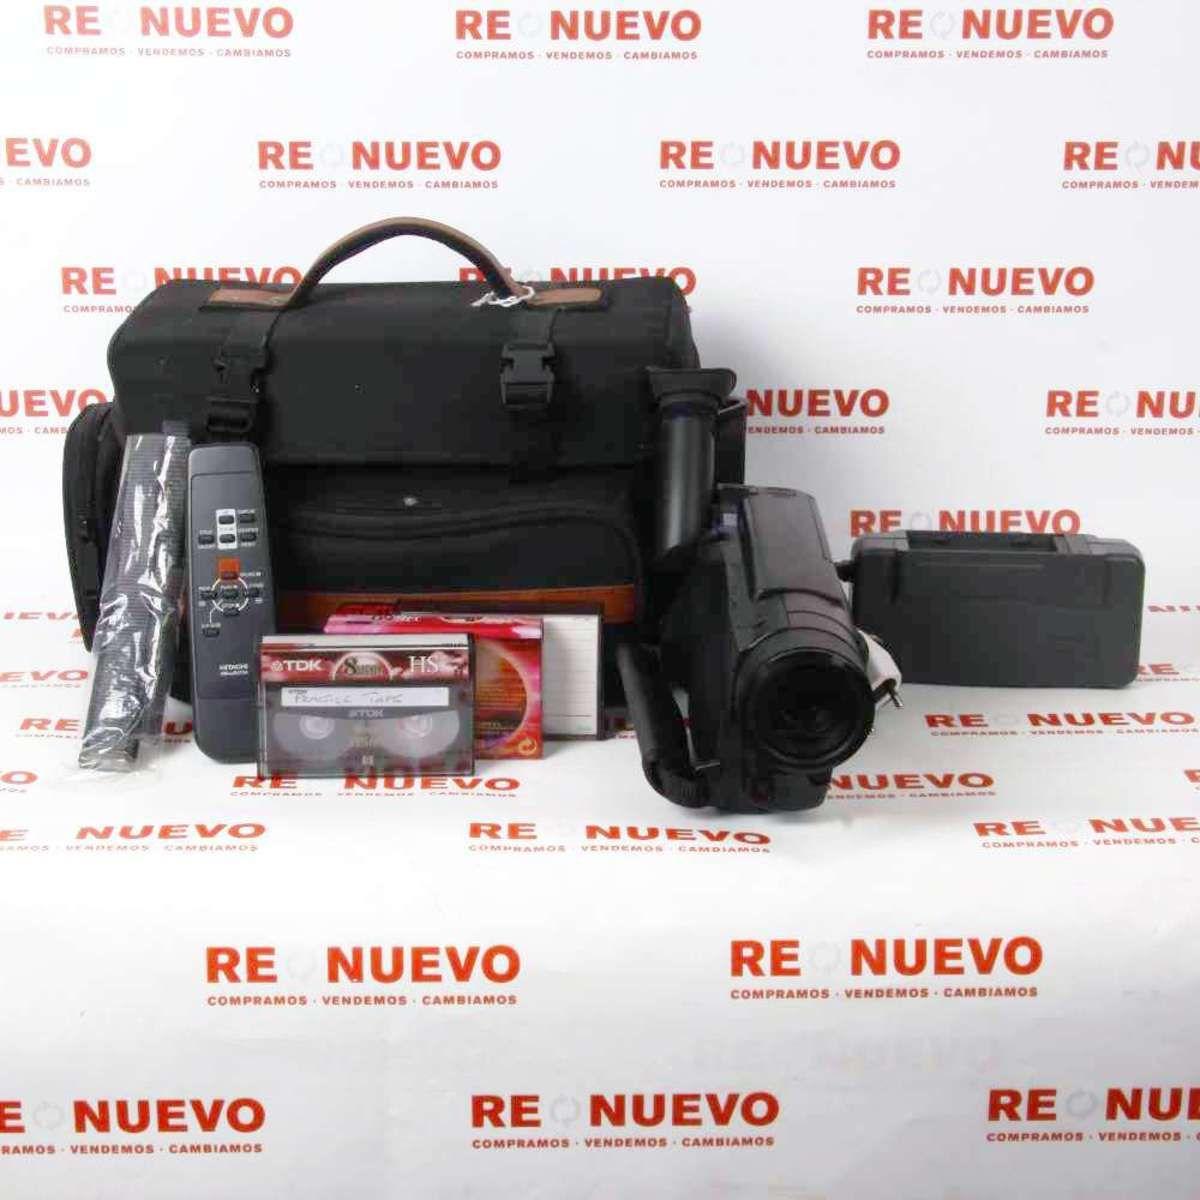 Videocamara De 8 Mm Hitachi Vm E340e E268850 Videocamara De